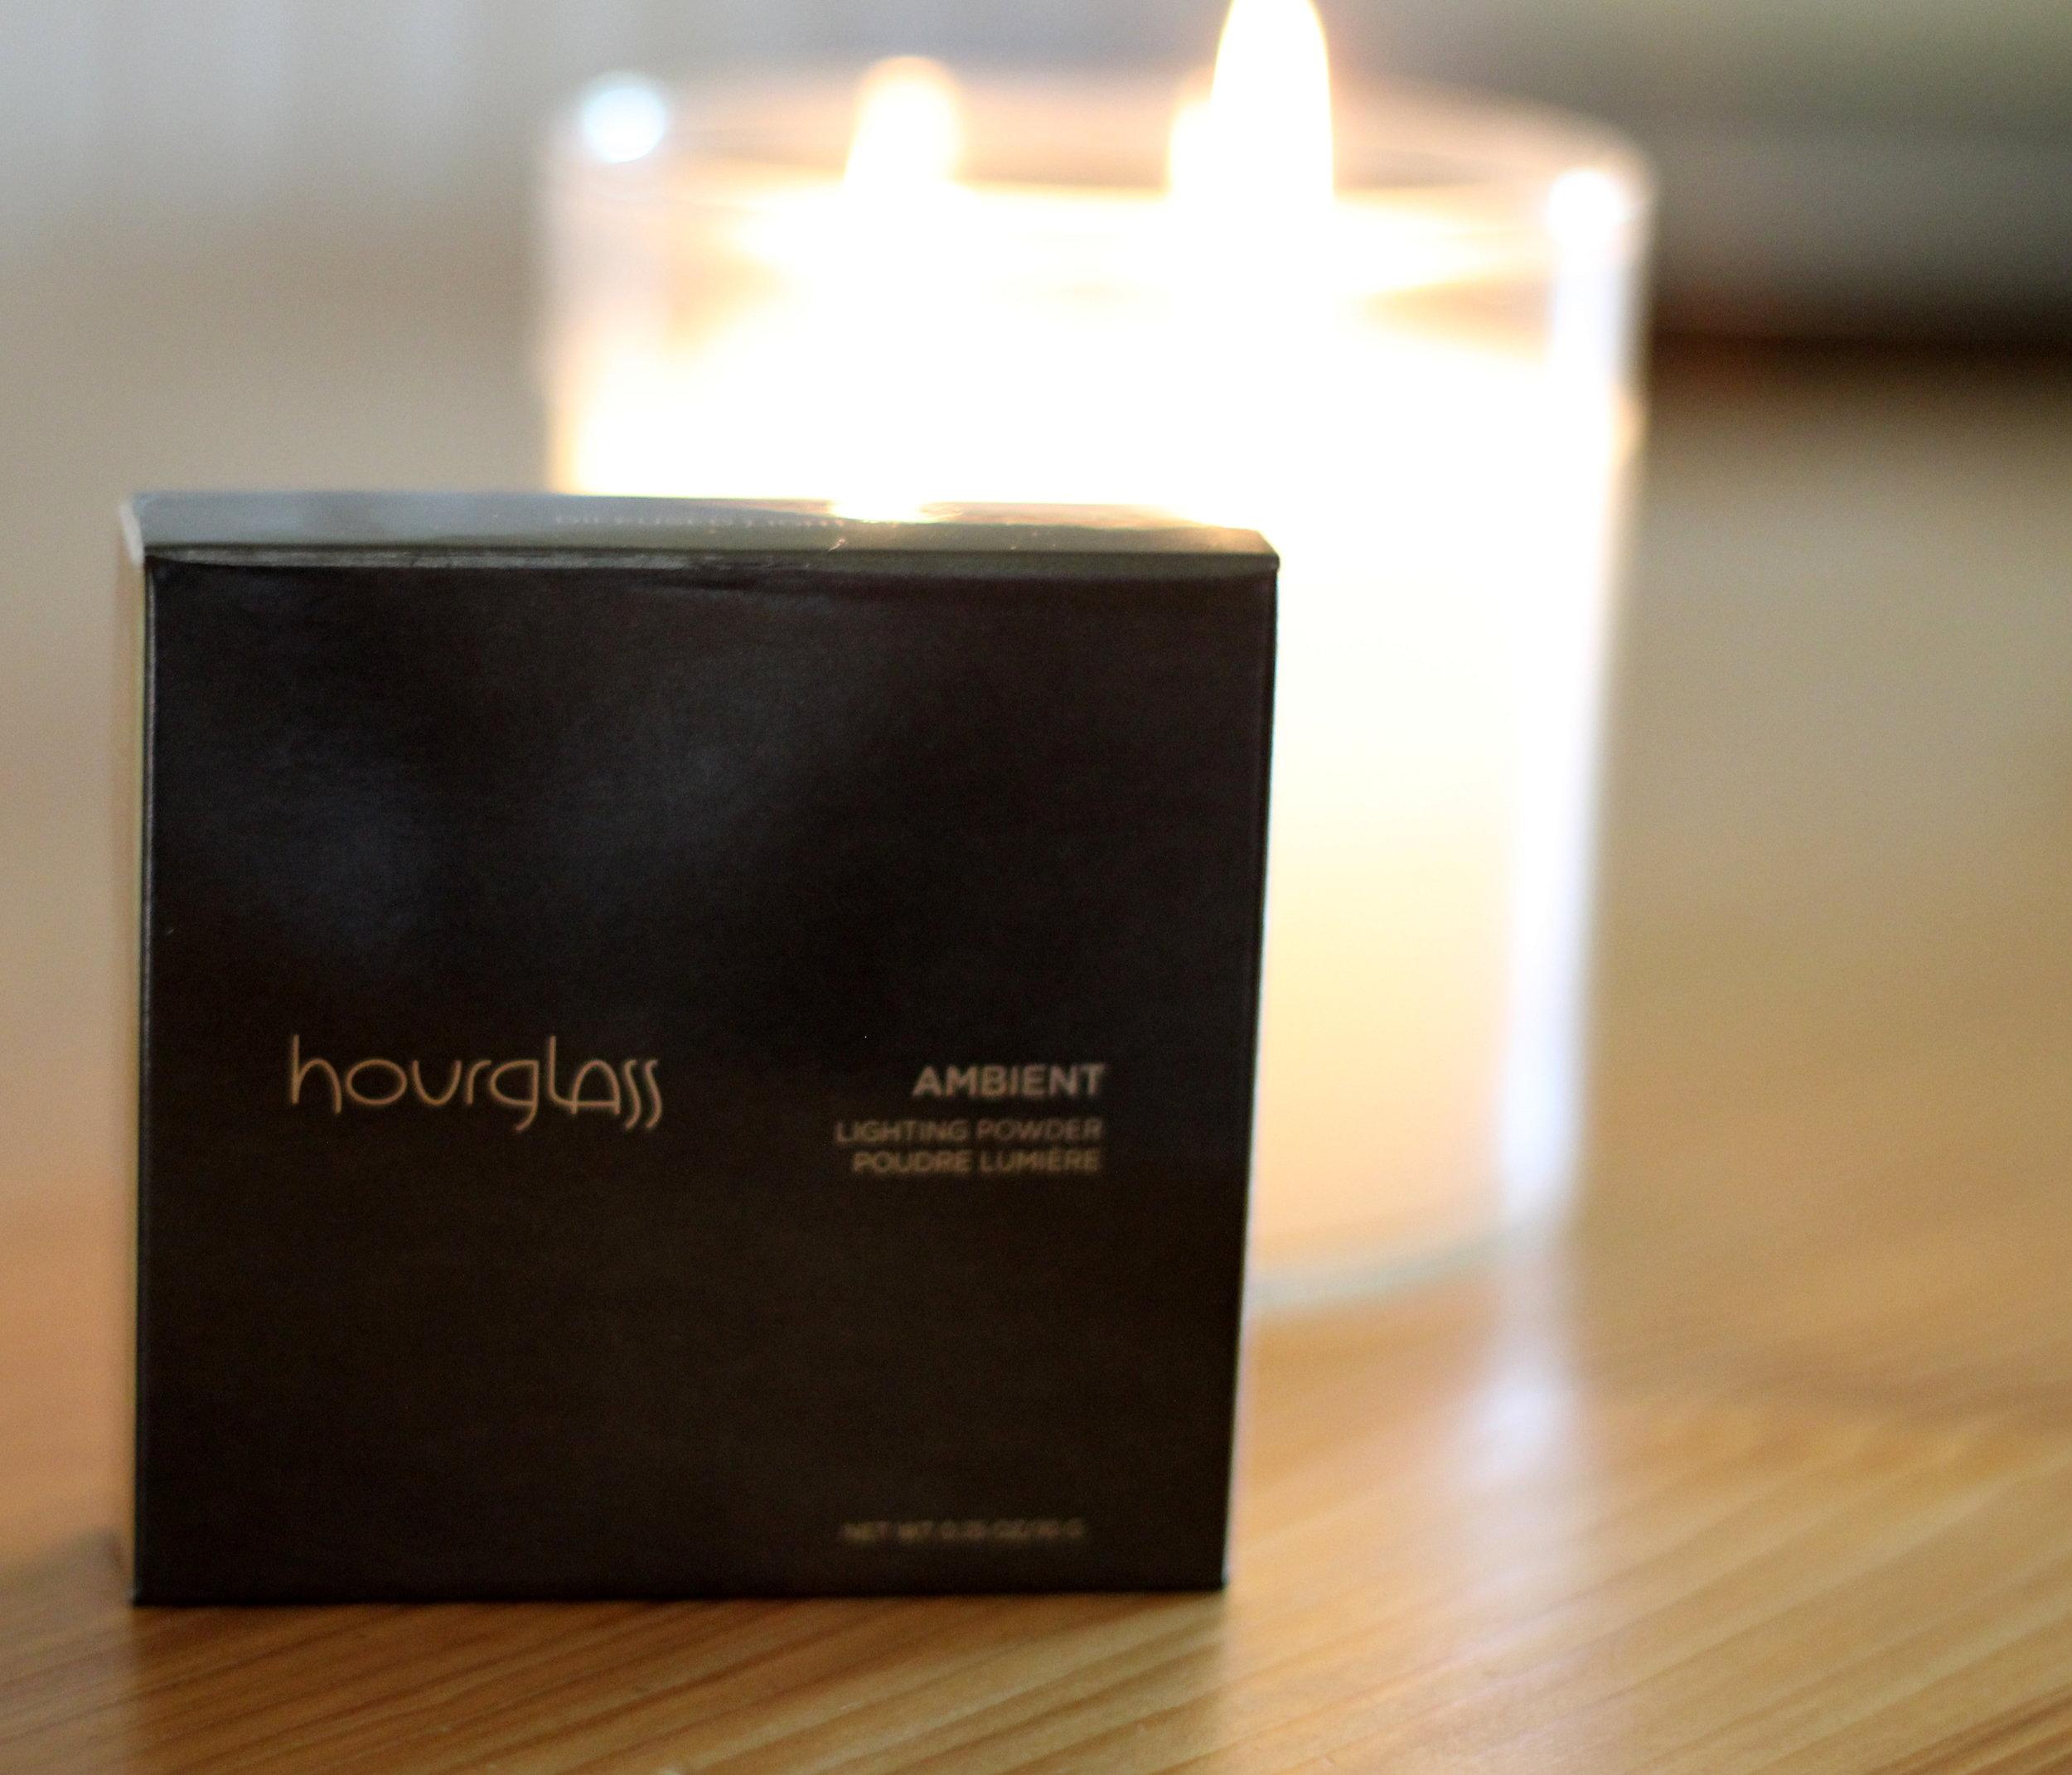 Hourglass Ambiant Lighting Powder